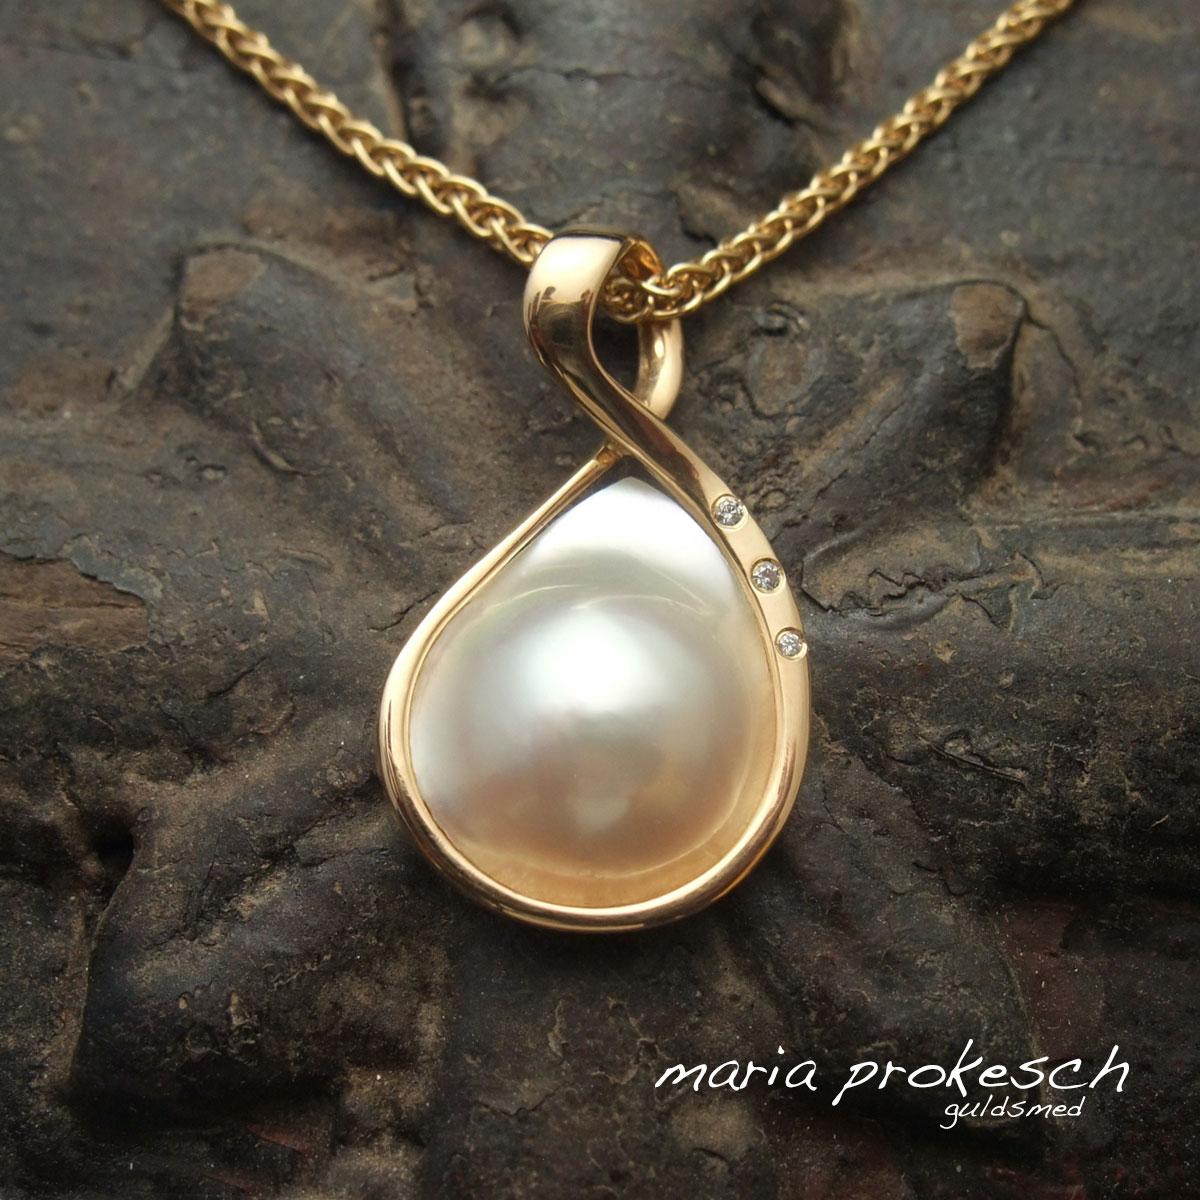 Eksklusivt enkelt design af guldvedhæng med hvid mabeperle og diamanter. Håndlavet og designet af guldsmed Maria